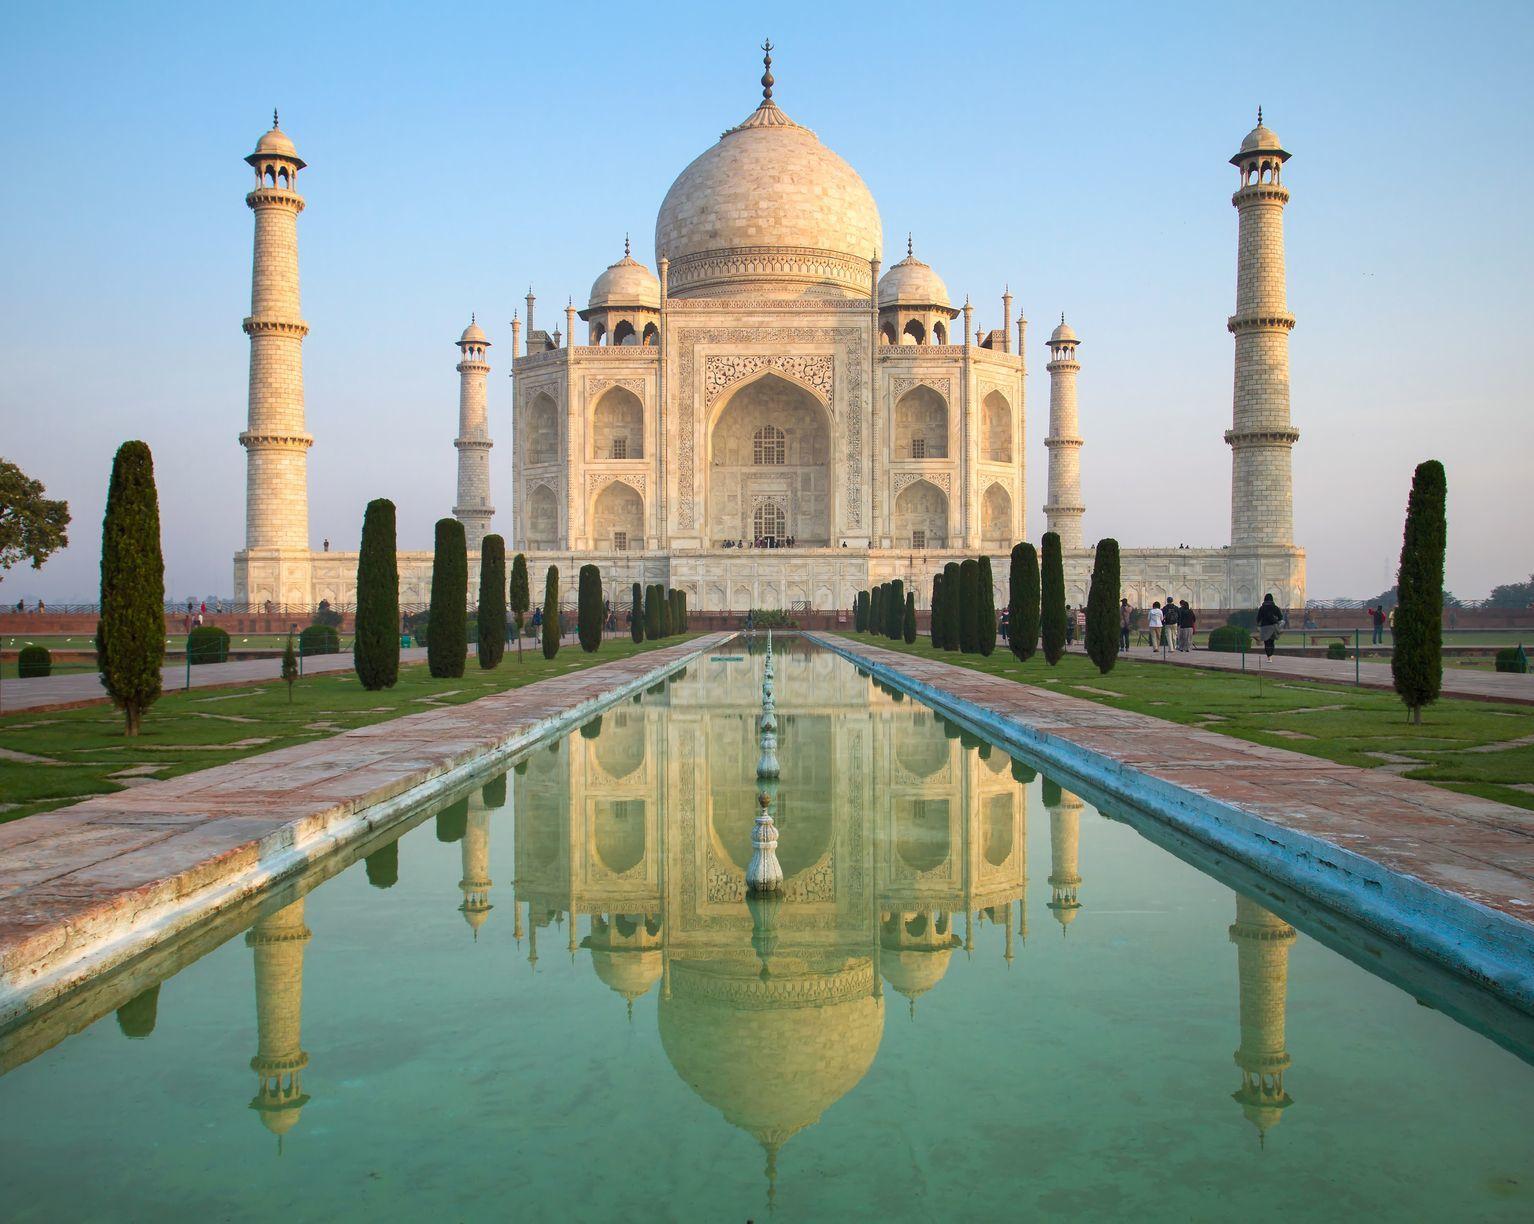 Tádž Mahal v Indii | mazzzur/123RF.com